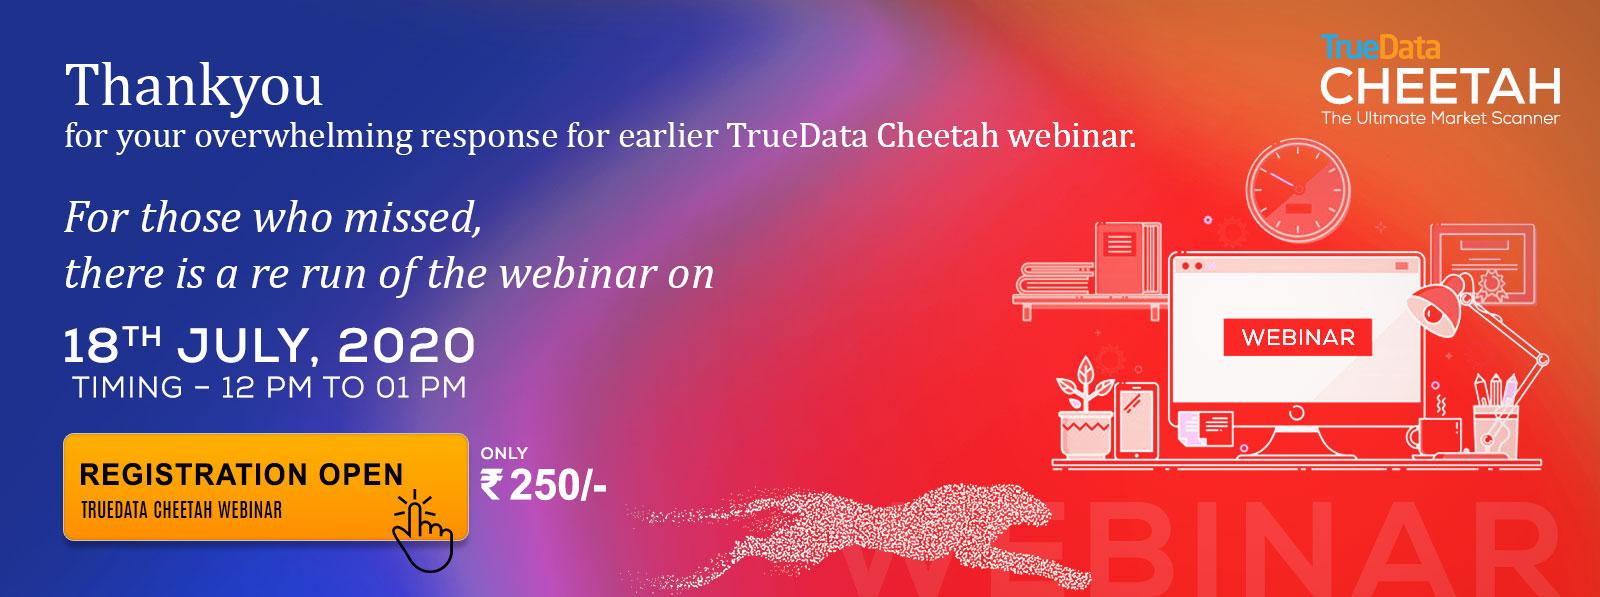 Webinar TrueData Cheetah